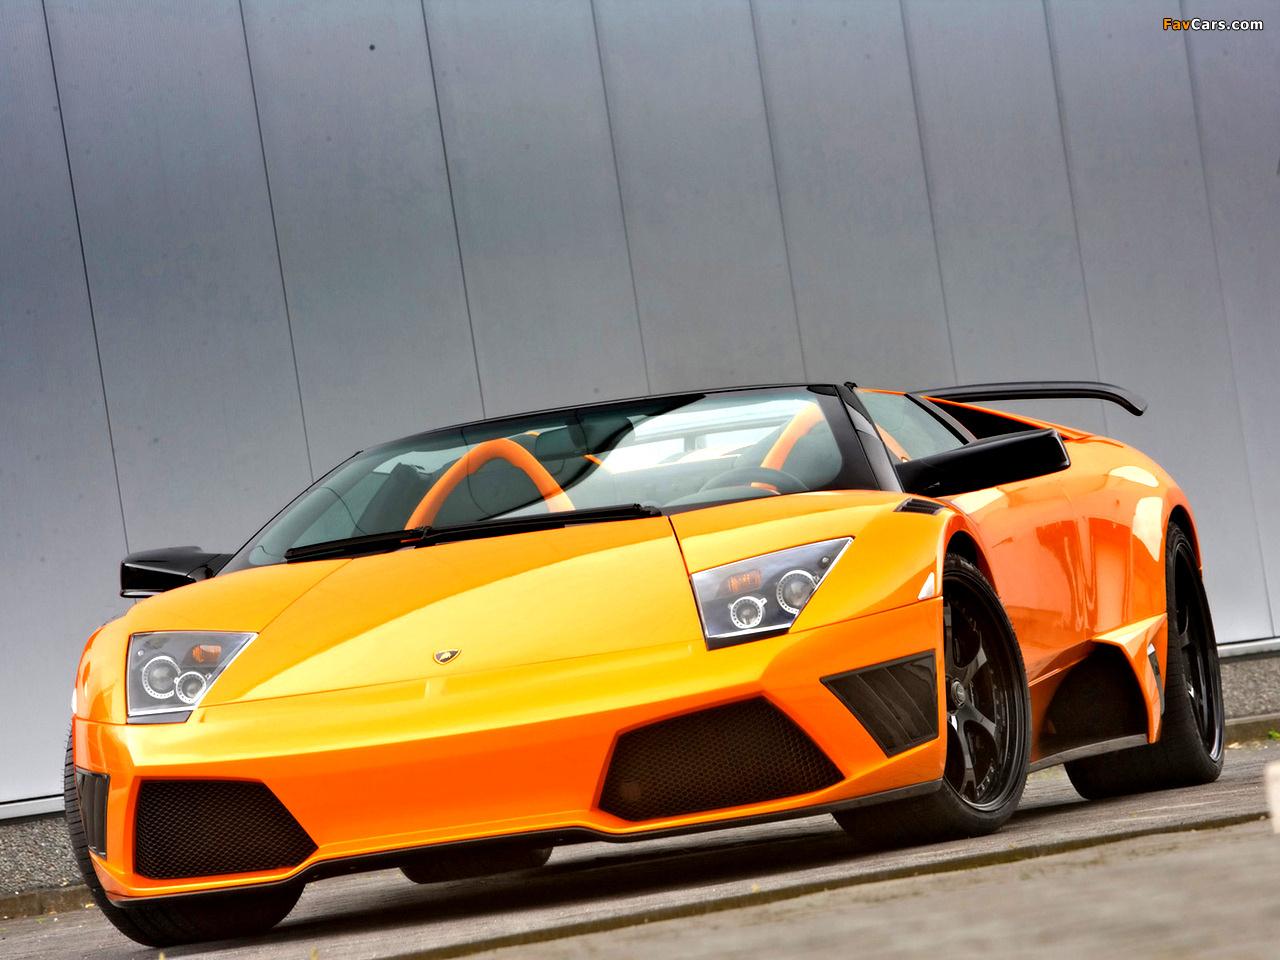 IMSA Lamborghini Murcielago LP640 Roadster 2008 pictures (1280 x 960)